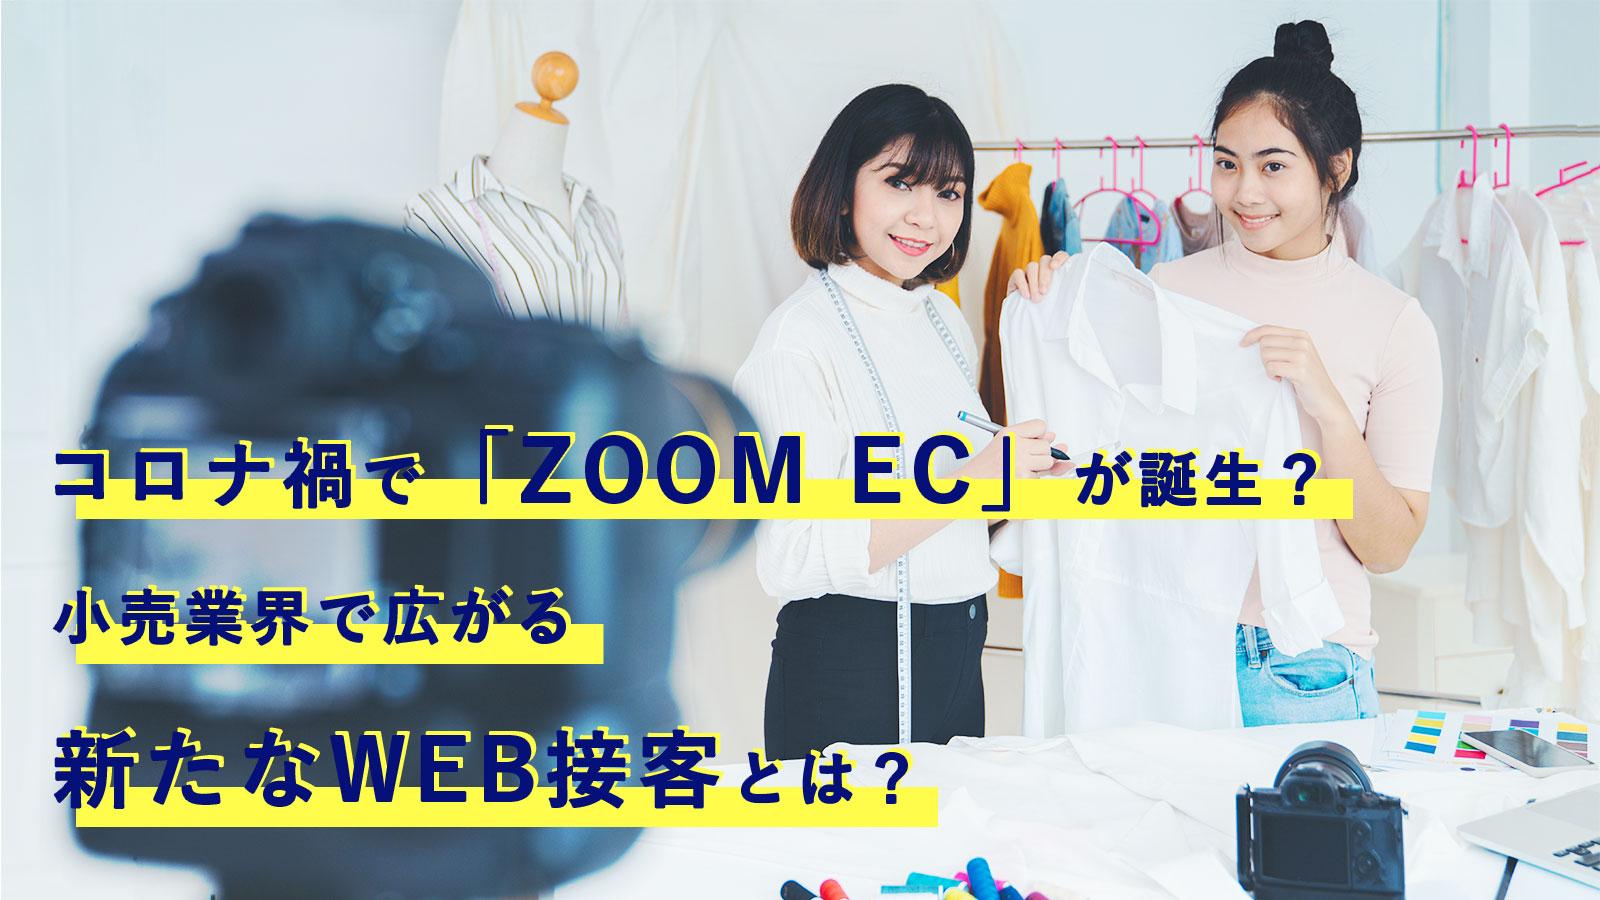 コロナ禍で「ZOOM EC」が誕生?小売業界で広がる新たなWEB接客とは?